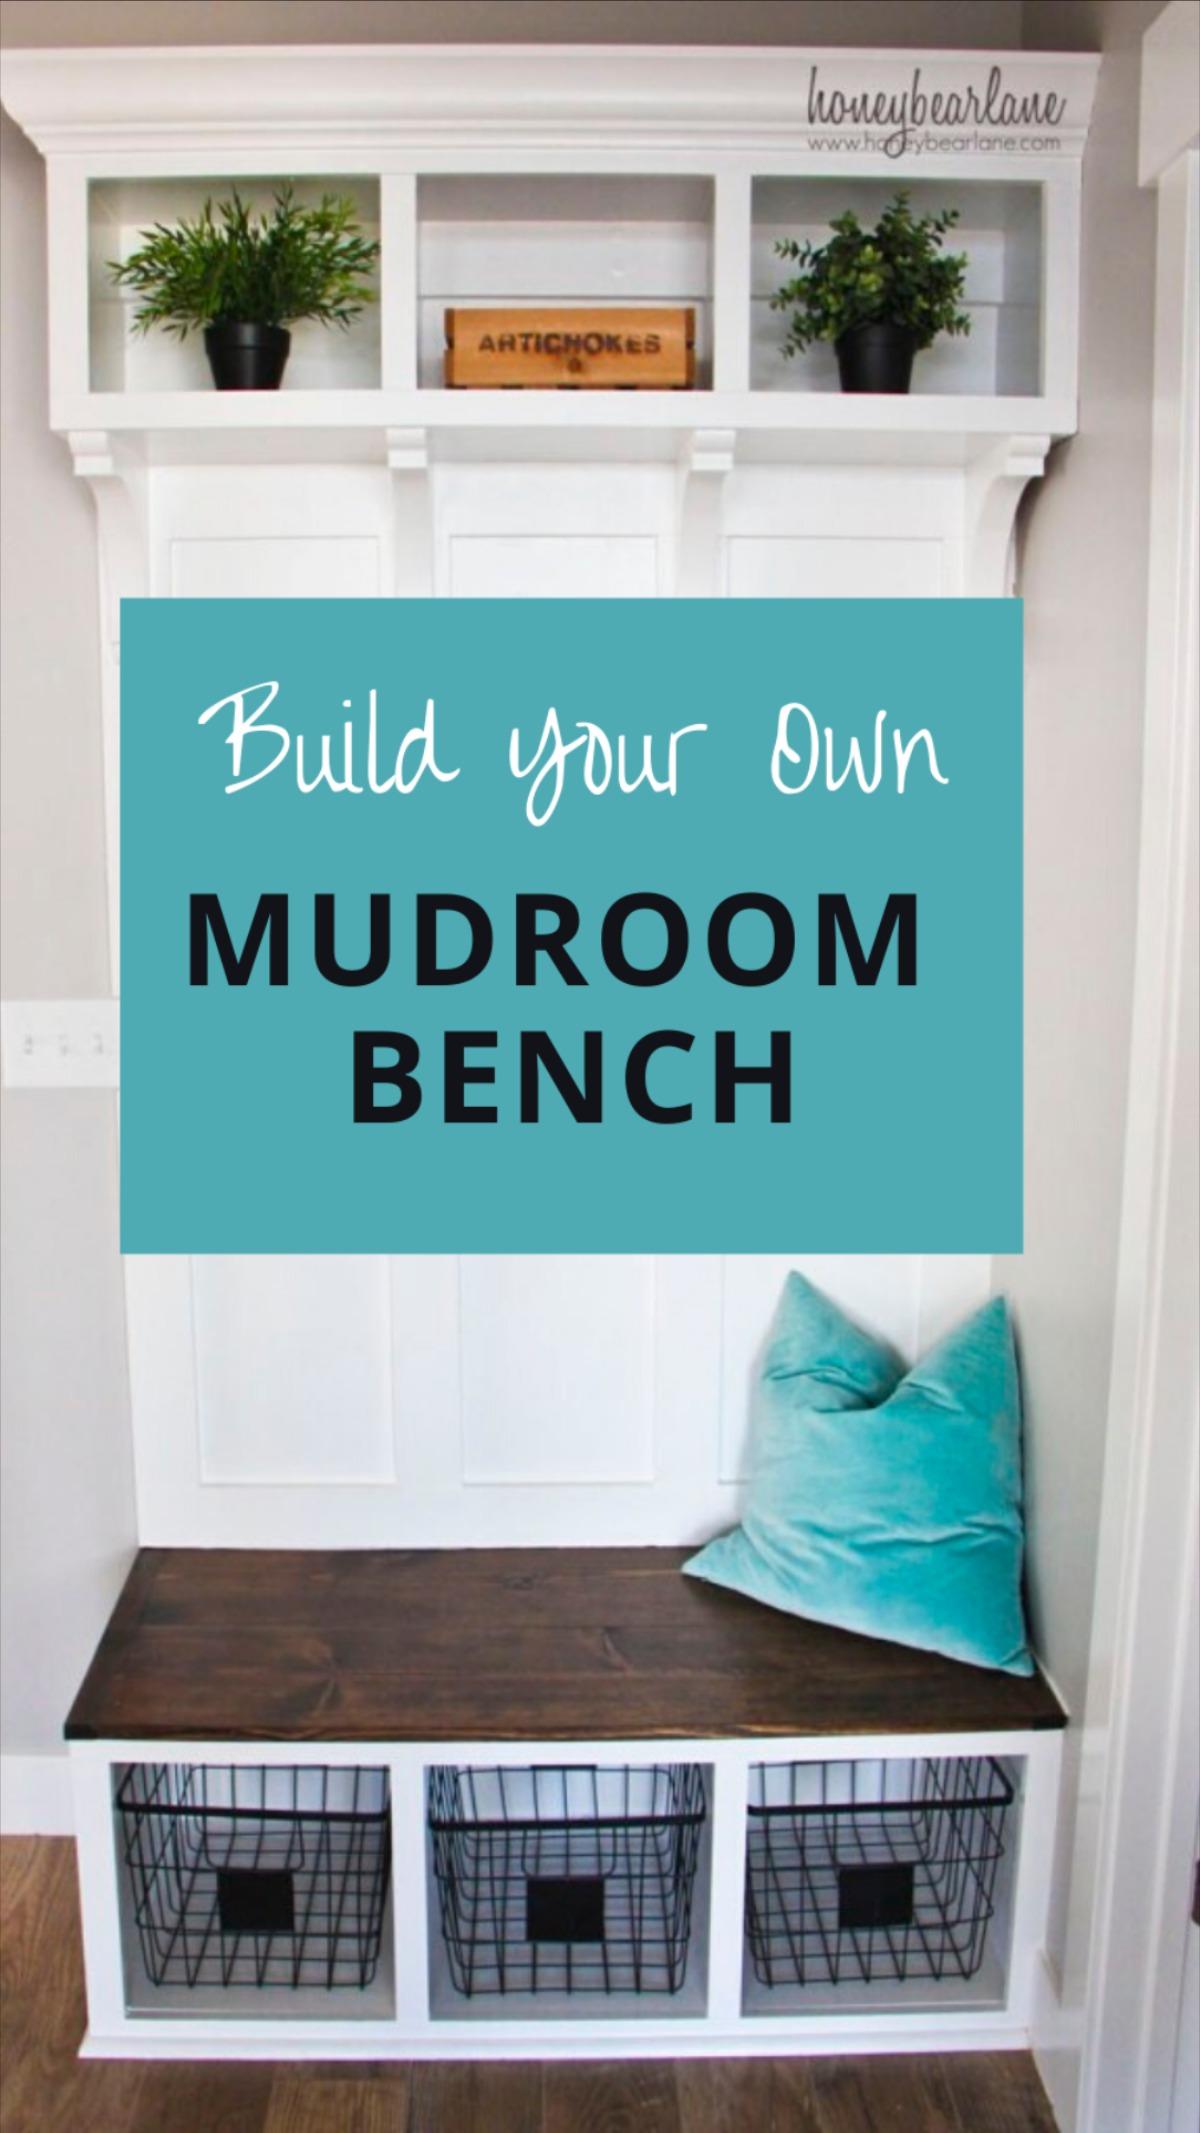 Mudroom Ideas Entryway. Build Your Own Mudroom Bench